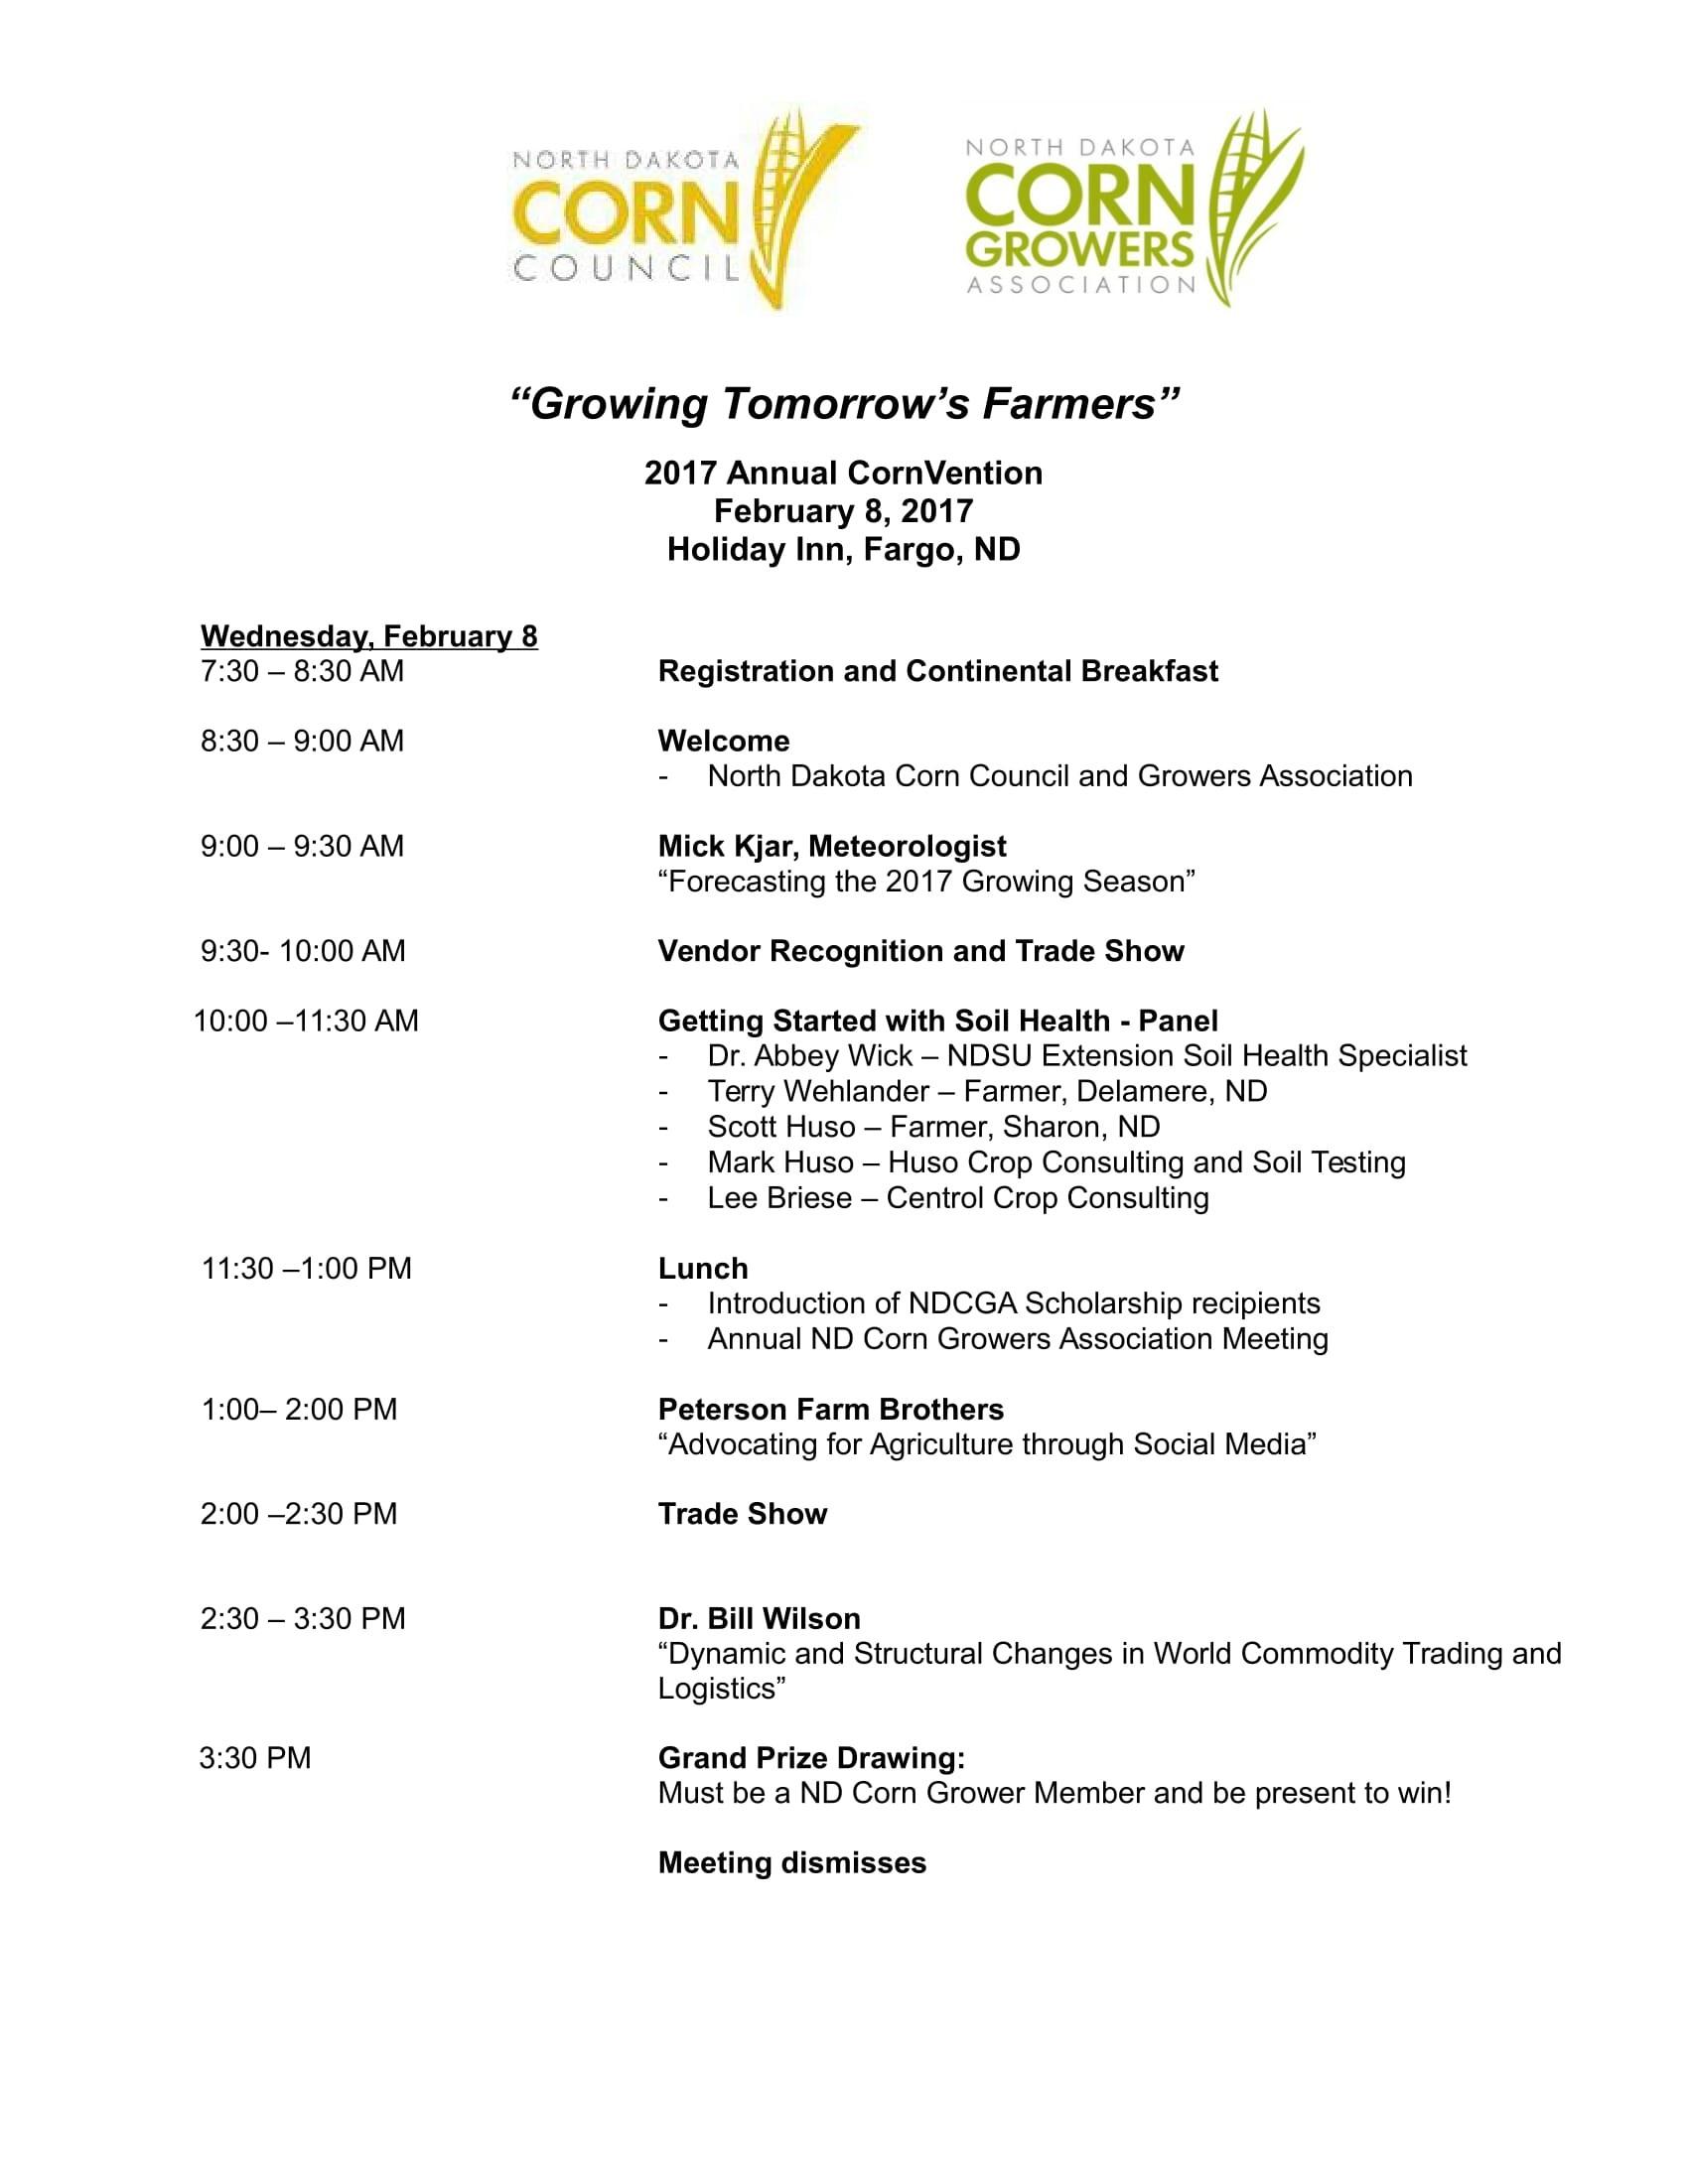 CornVention Schedule